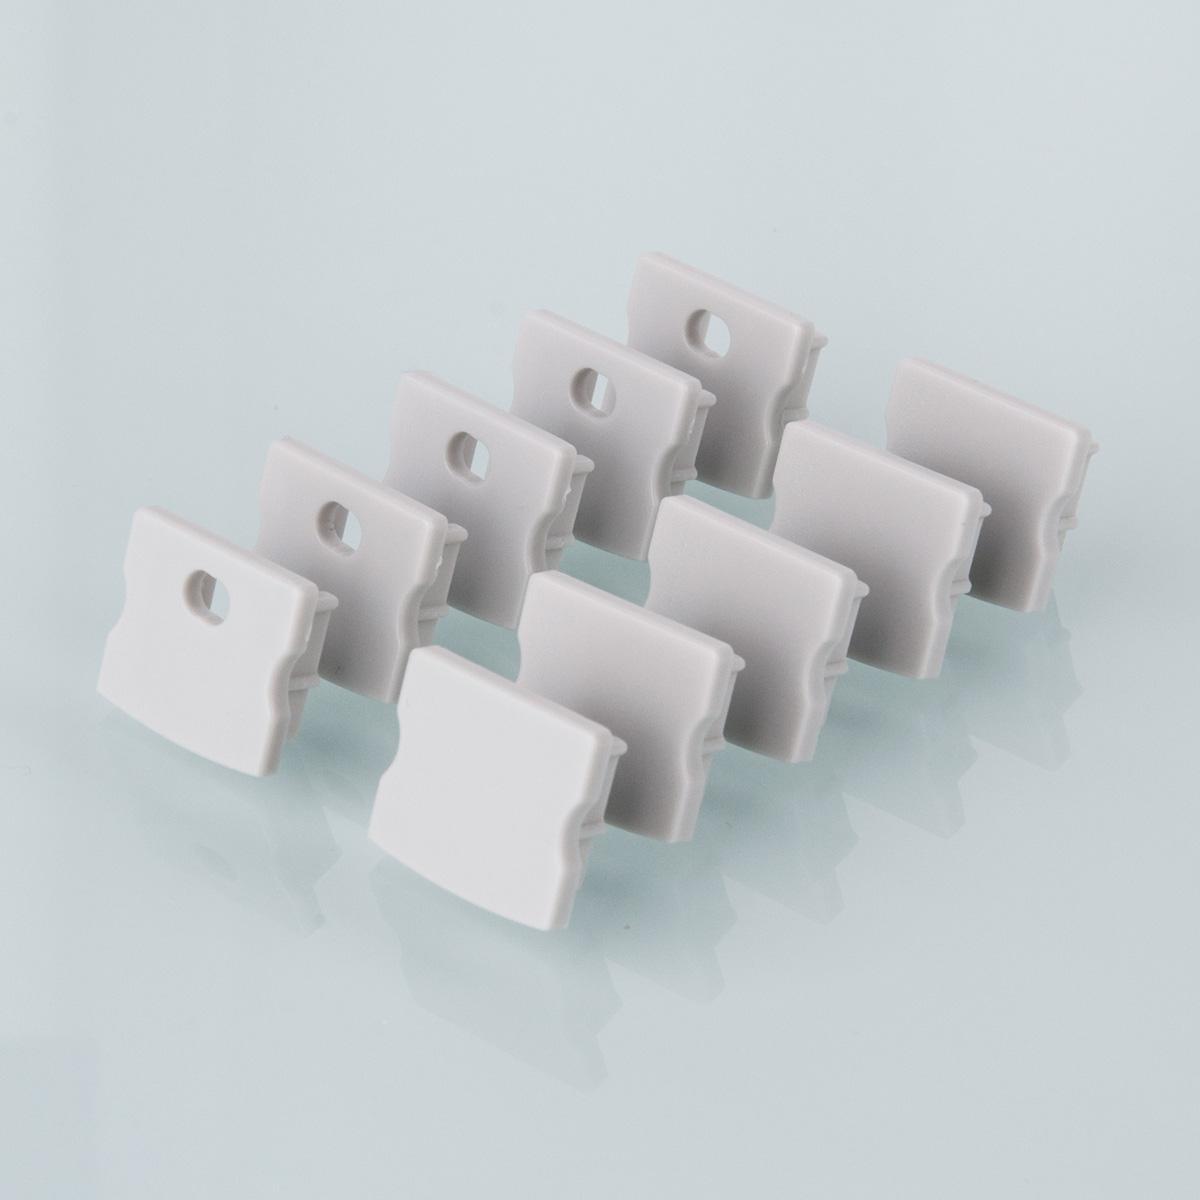 ZLL-2-ALP001-R Заглушки для накладного алюм.профиля для LED ленты (15mm) (компл. 10 пар)